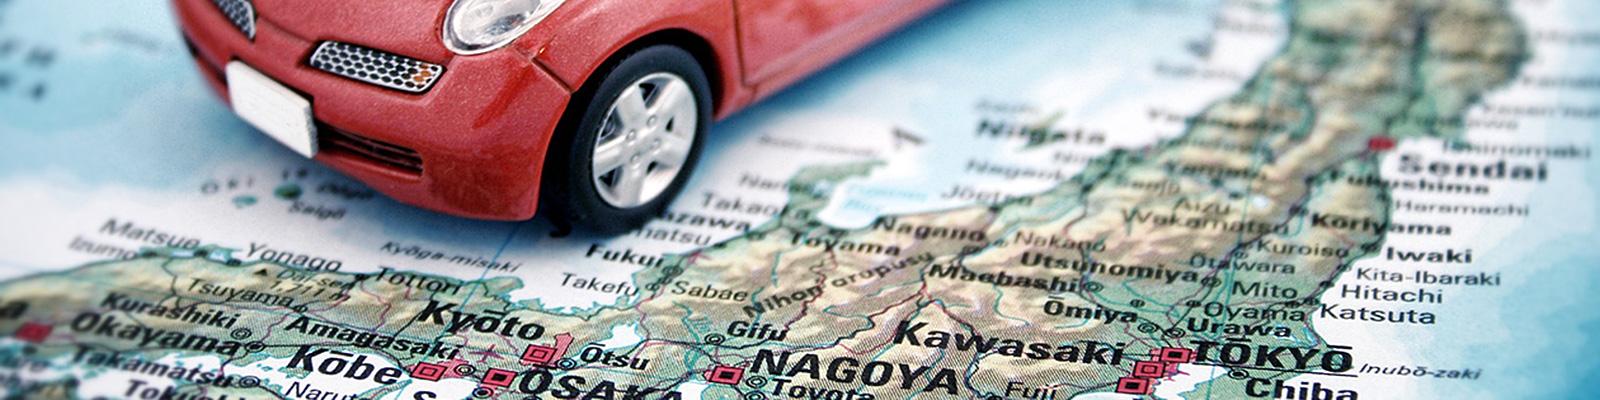 自動車 地図 イメージ